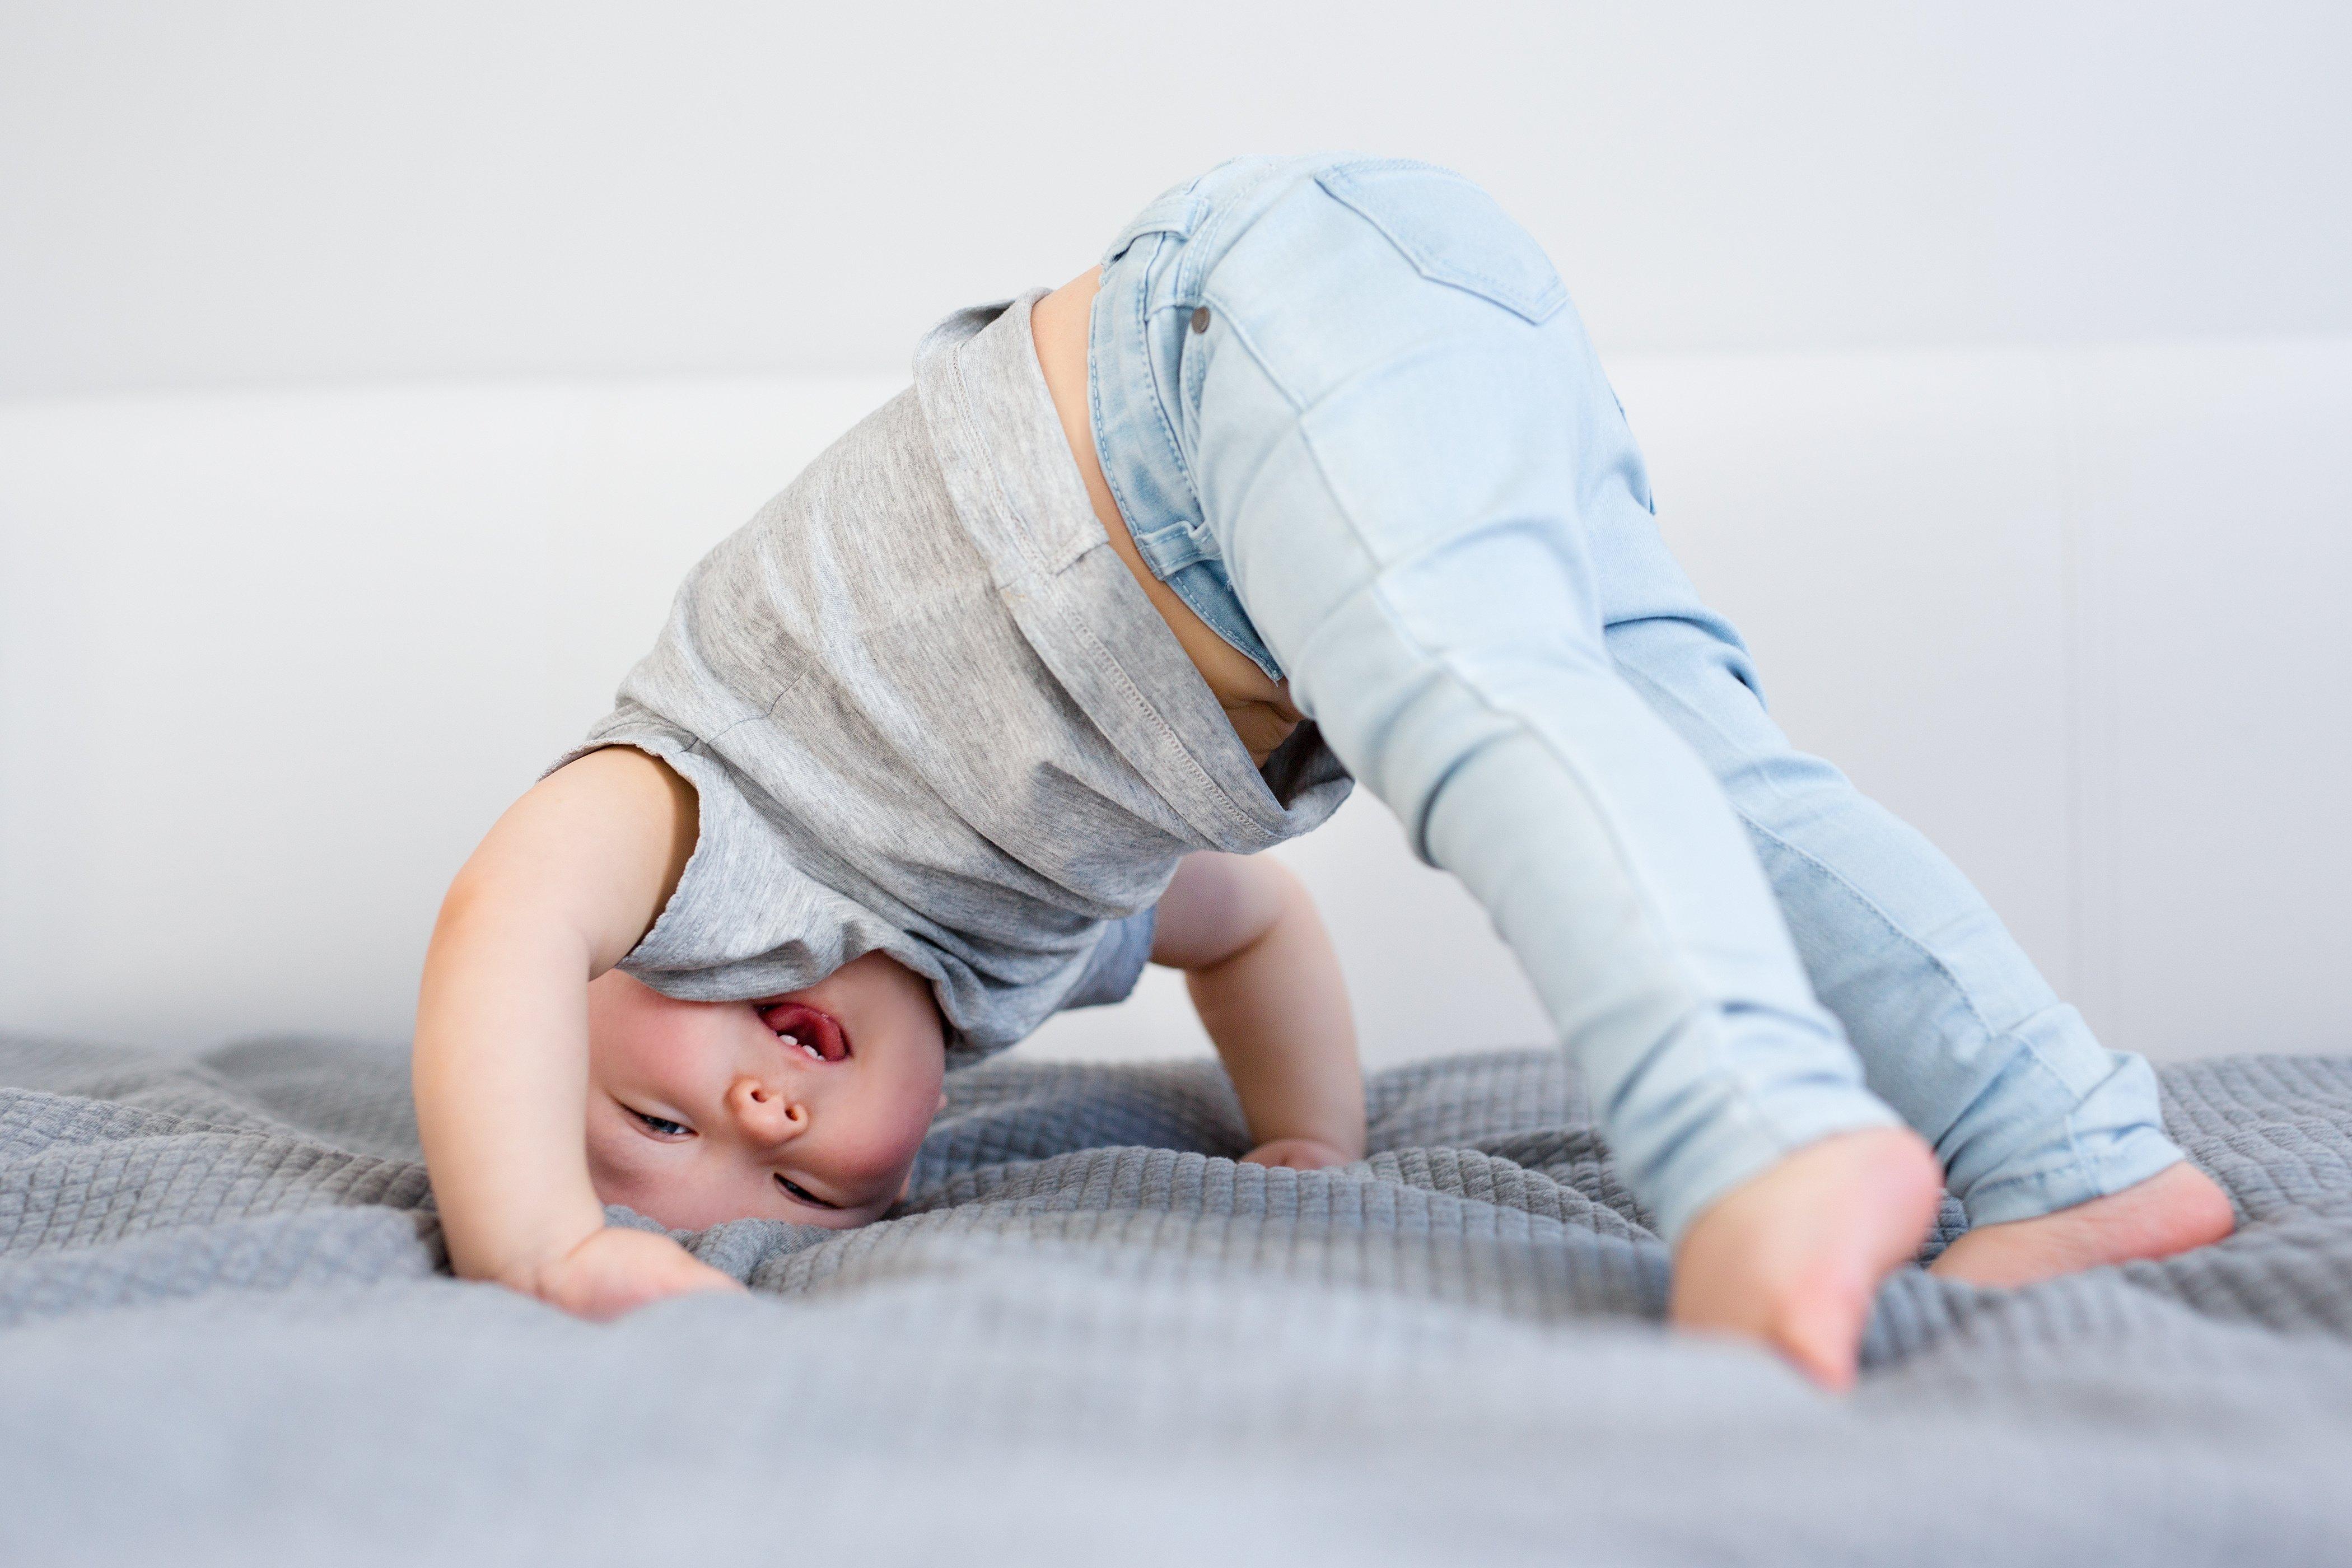 De voordelen van bewegen voor kinderen: BLOS pluist het uit